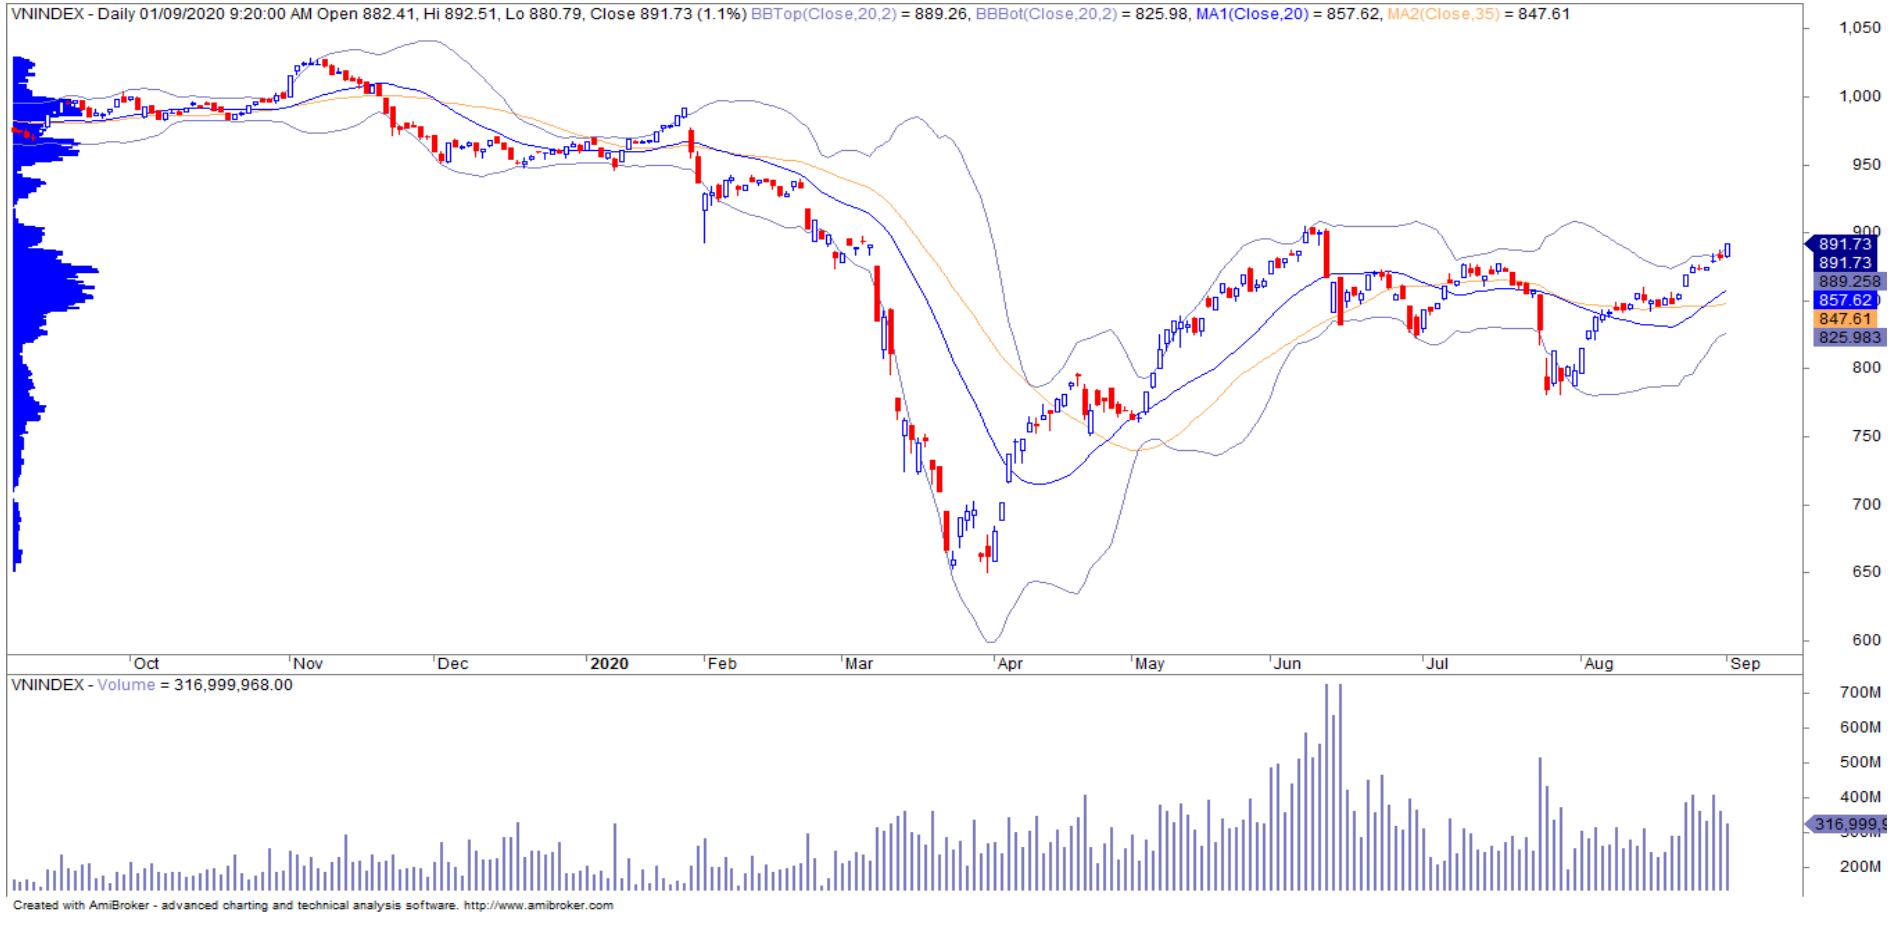 Nhận định thị trường chứng khoán ngày 3/9: VN-Index hướng lên mốc 900 điểm - Ảnh 1.